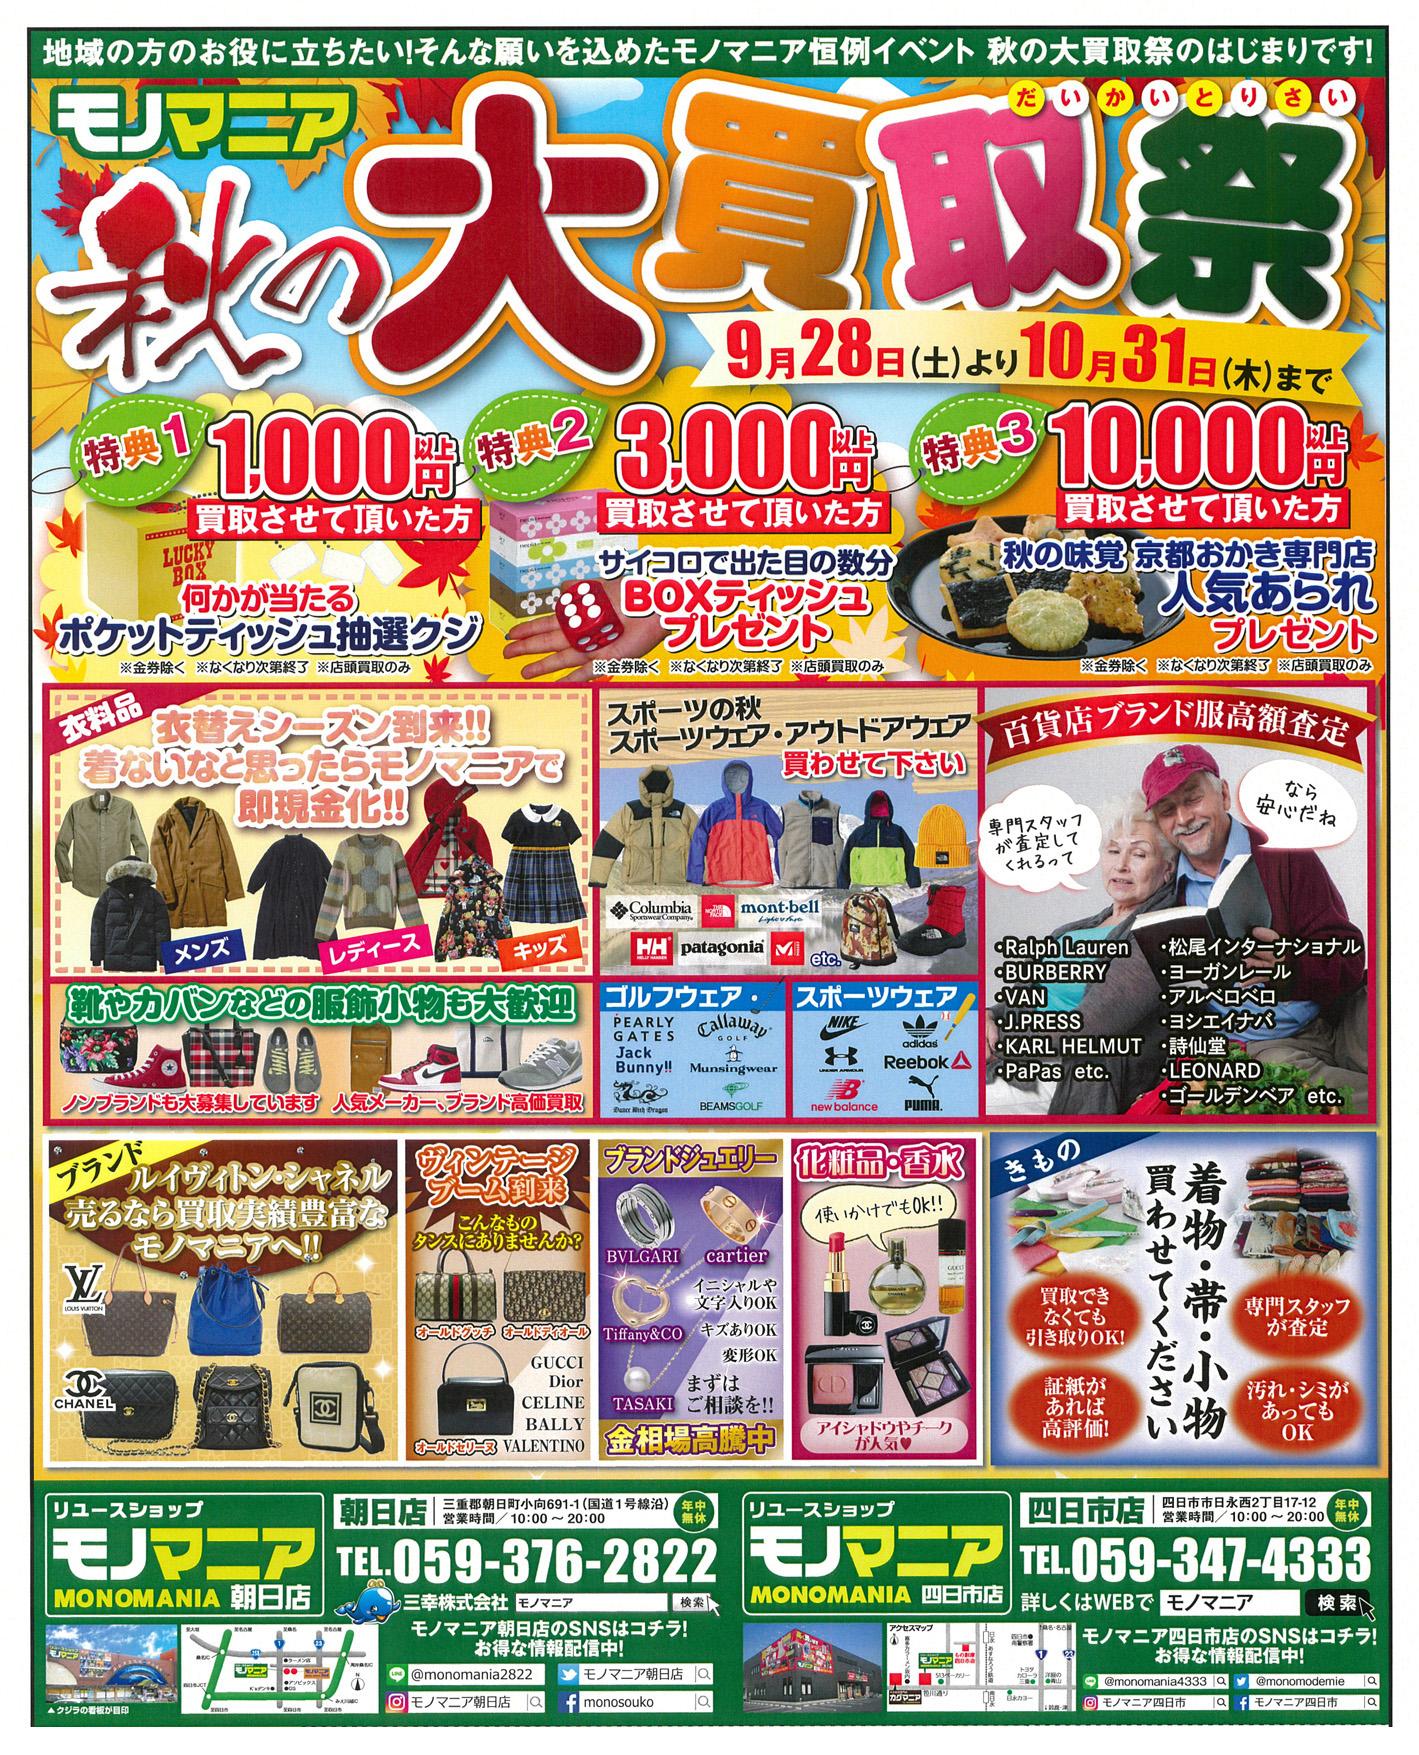 【モノマニア】秋の大買取祭2019 チラシ表面